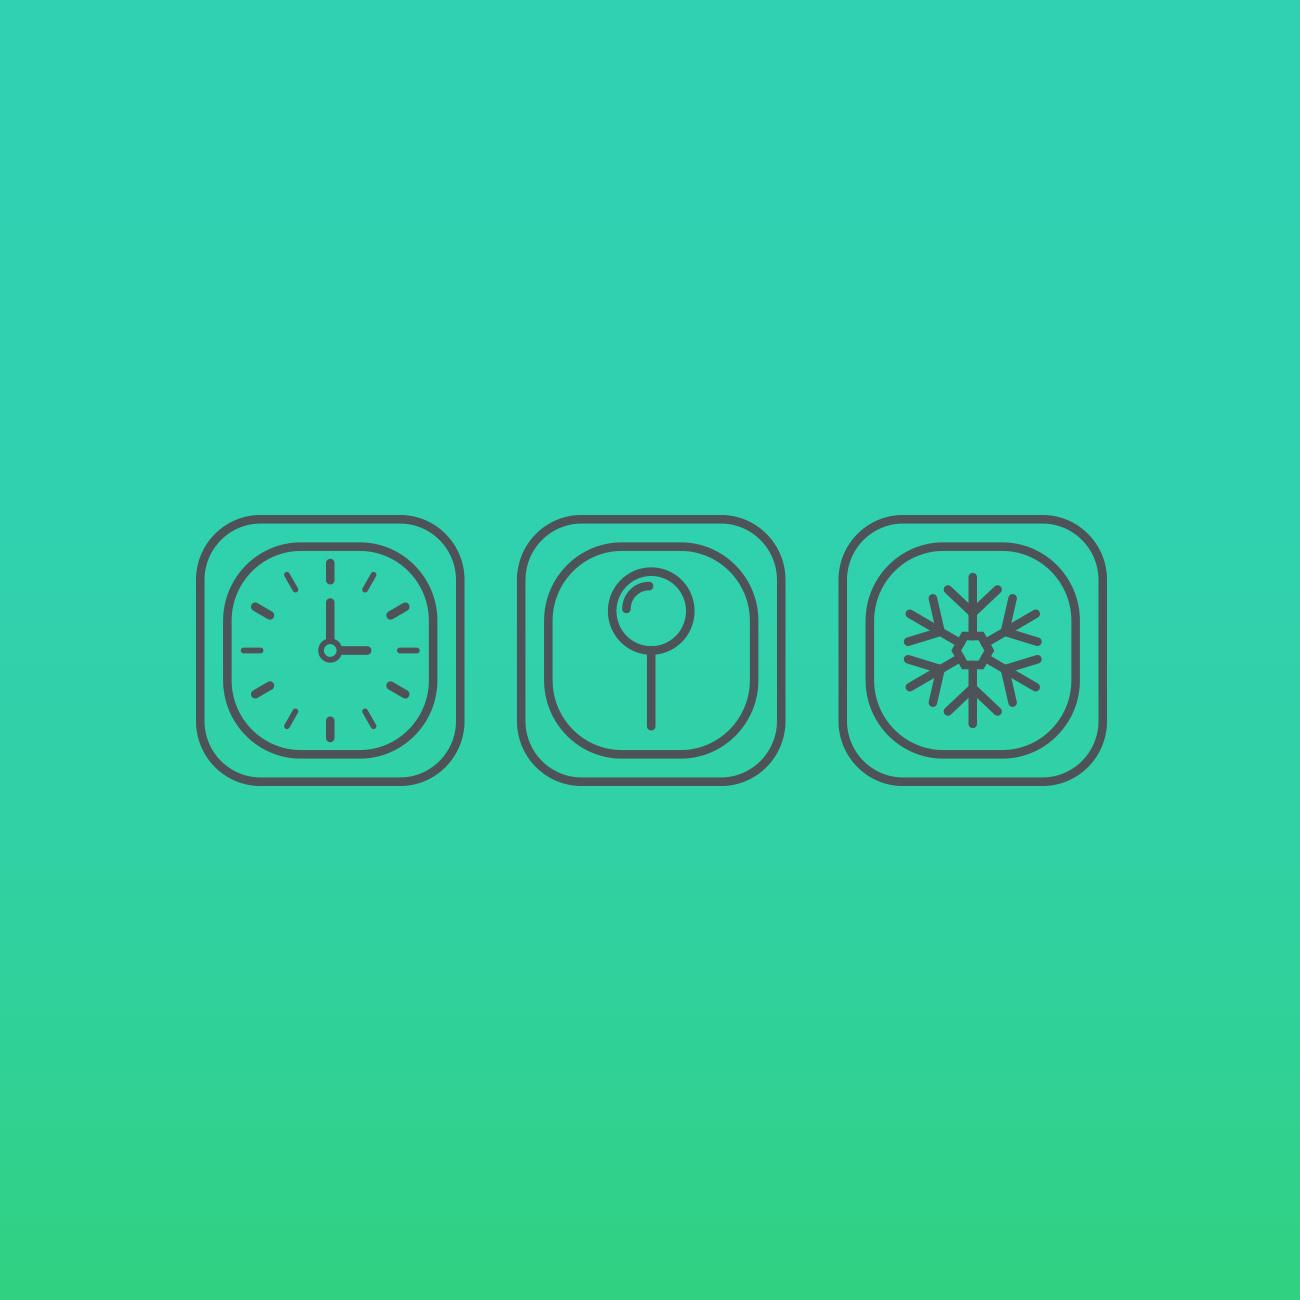 icons_1300_